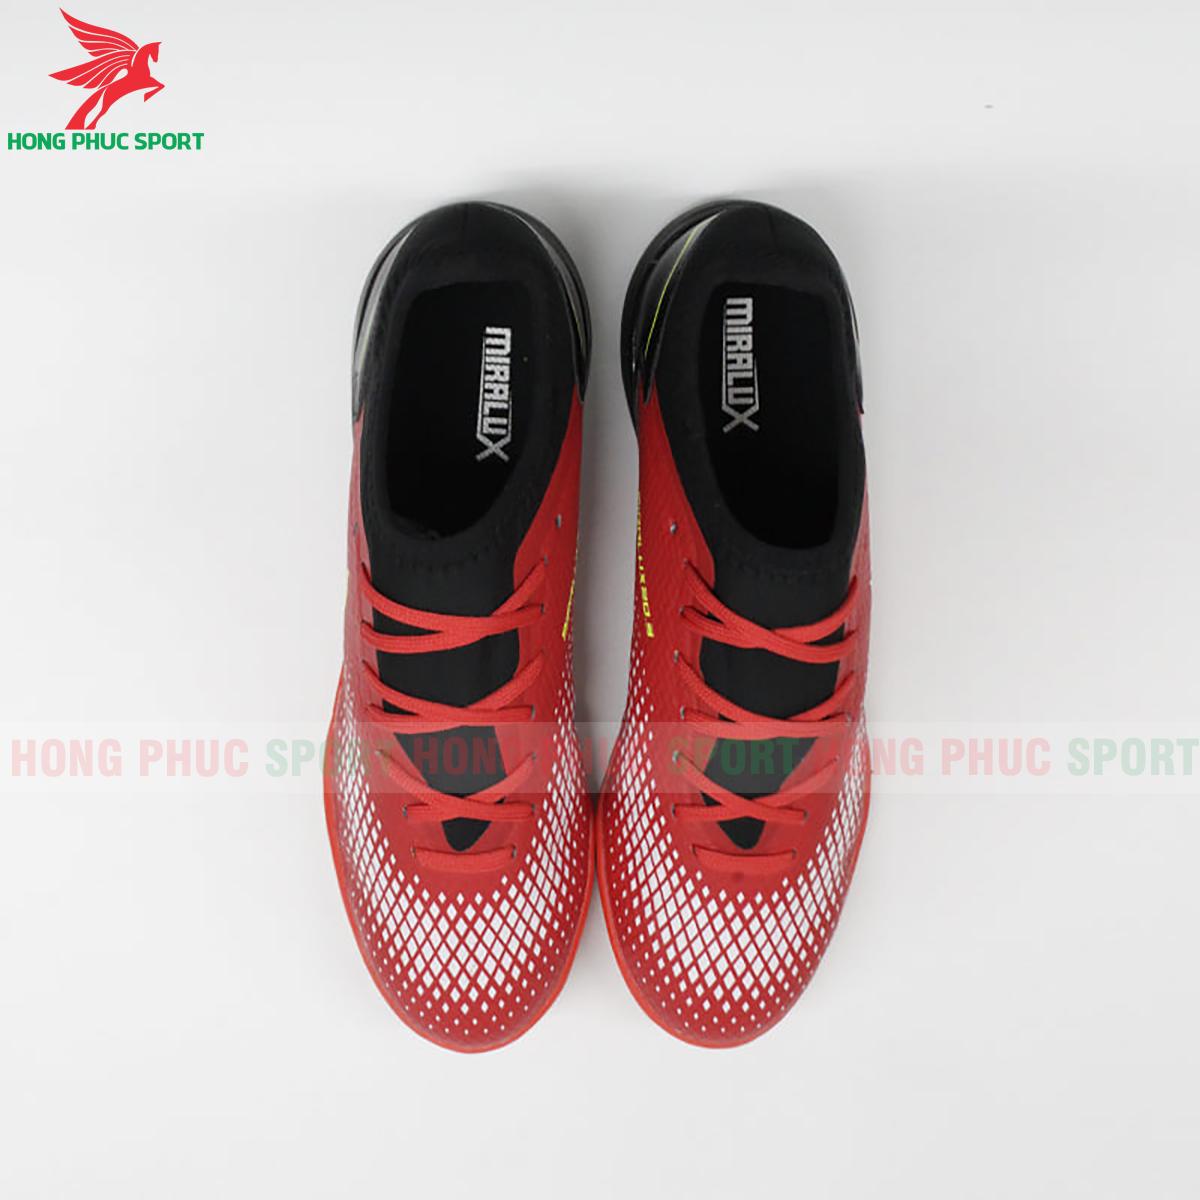 Giày Mira Lux 20.3 sân cỏ nhân tạo đỏ phối đen (trước)